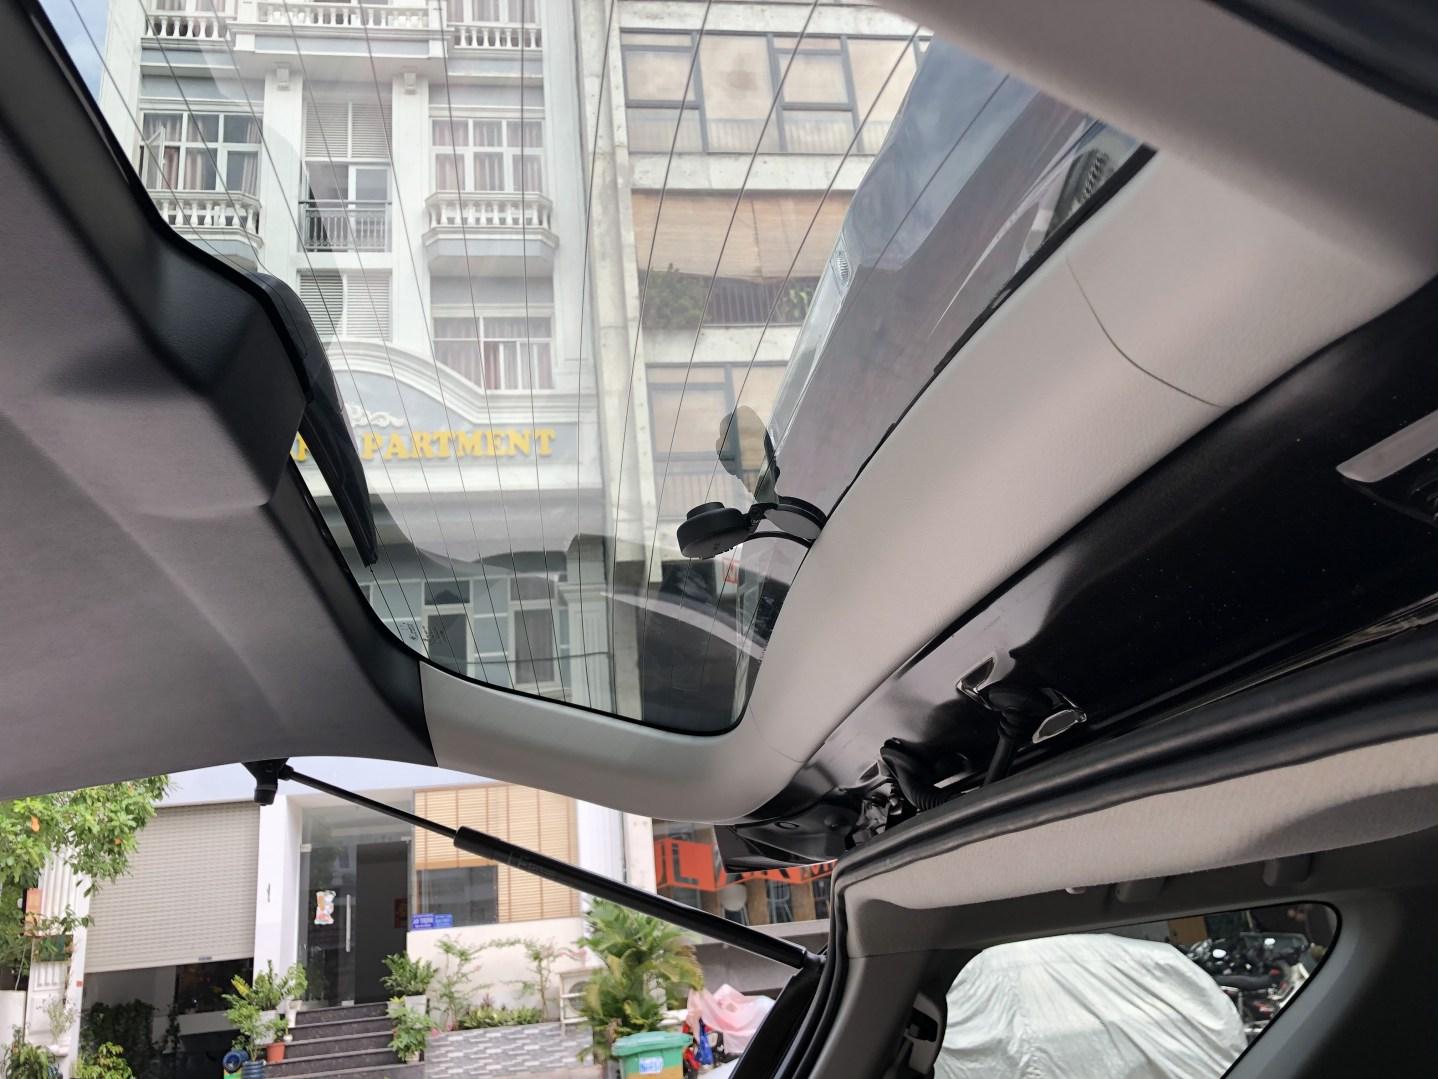 Camera hành trình trước sau Toyota Fortuner 2020